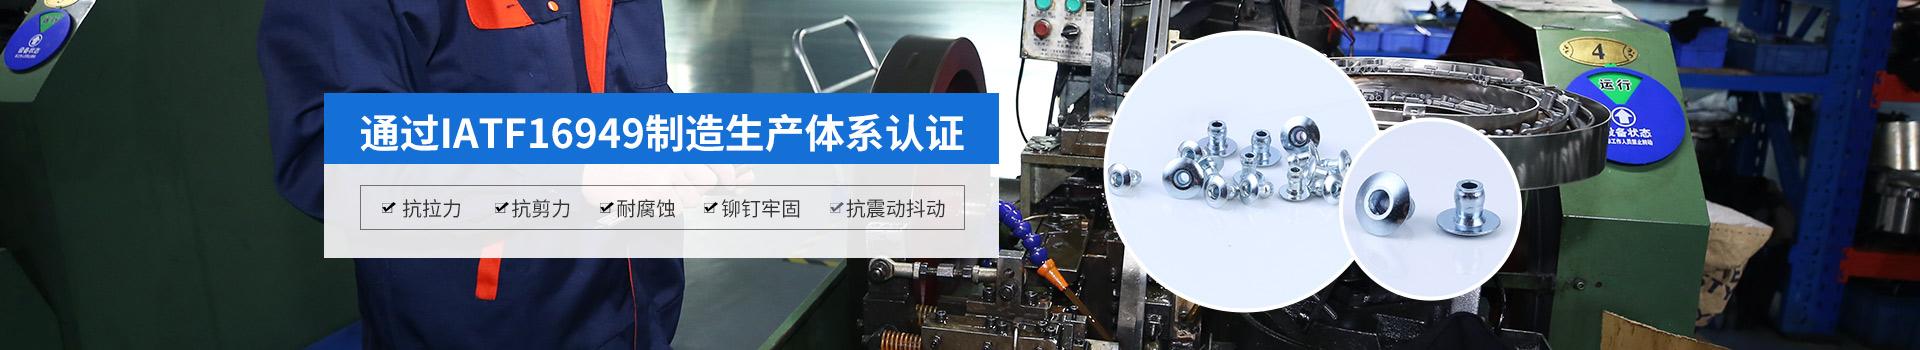 喆堃快速铆钉-通过IATF16949制造生产体系认证